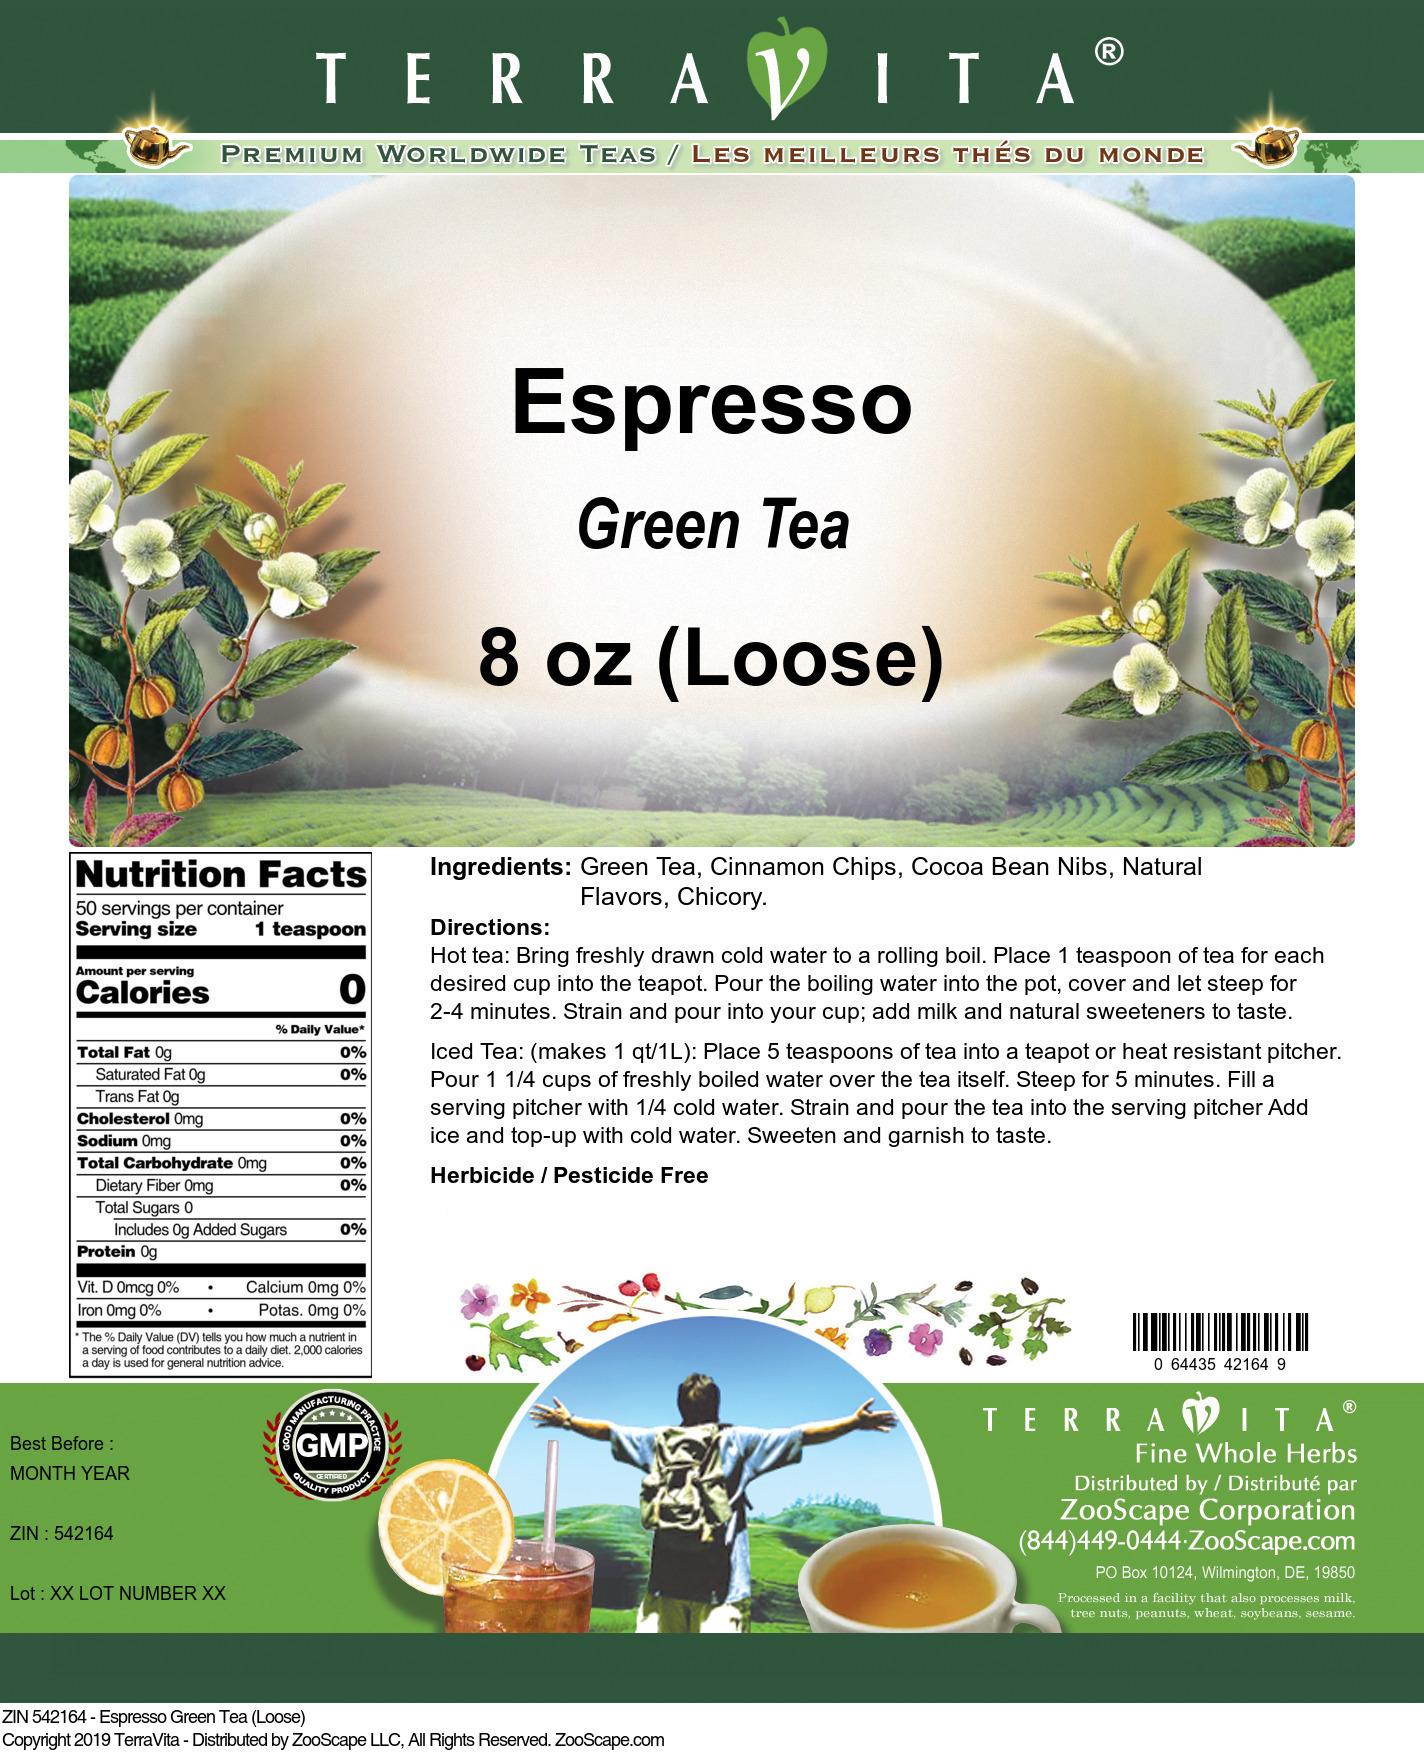 Espresso Green Tea